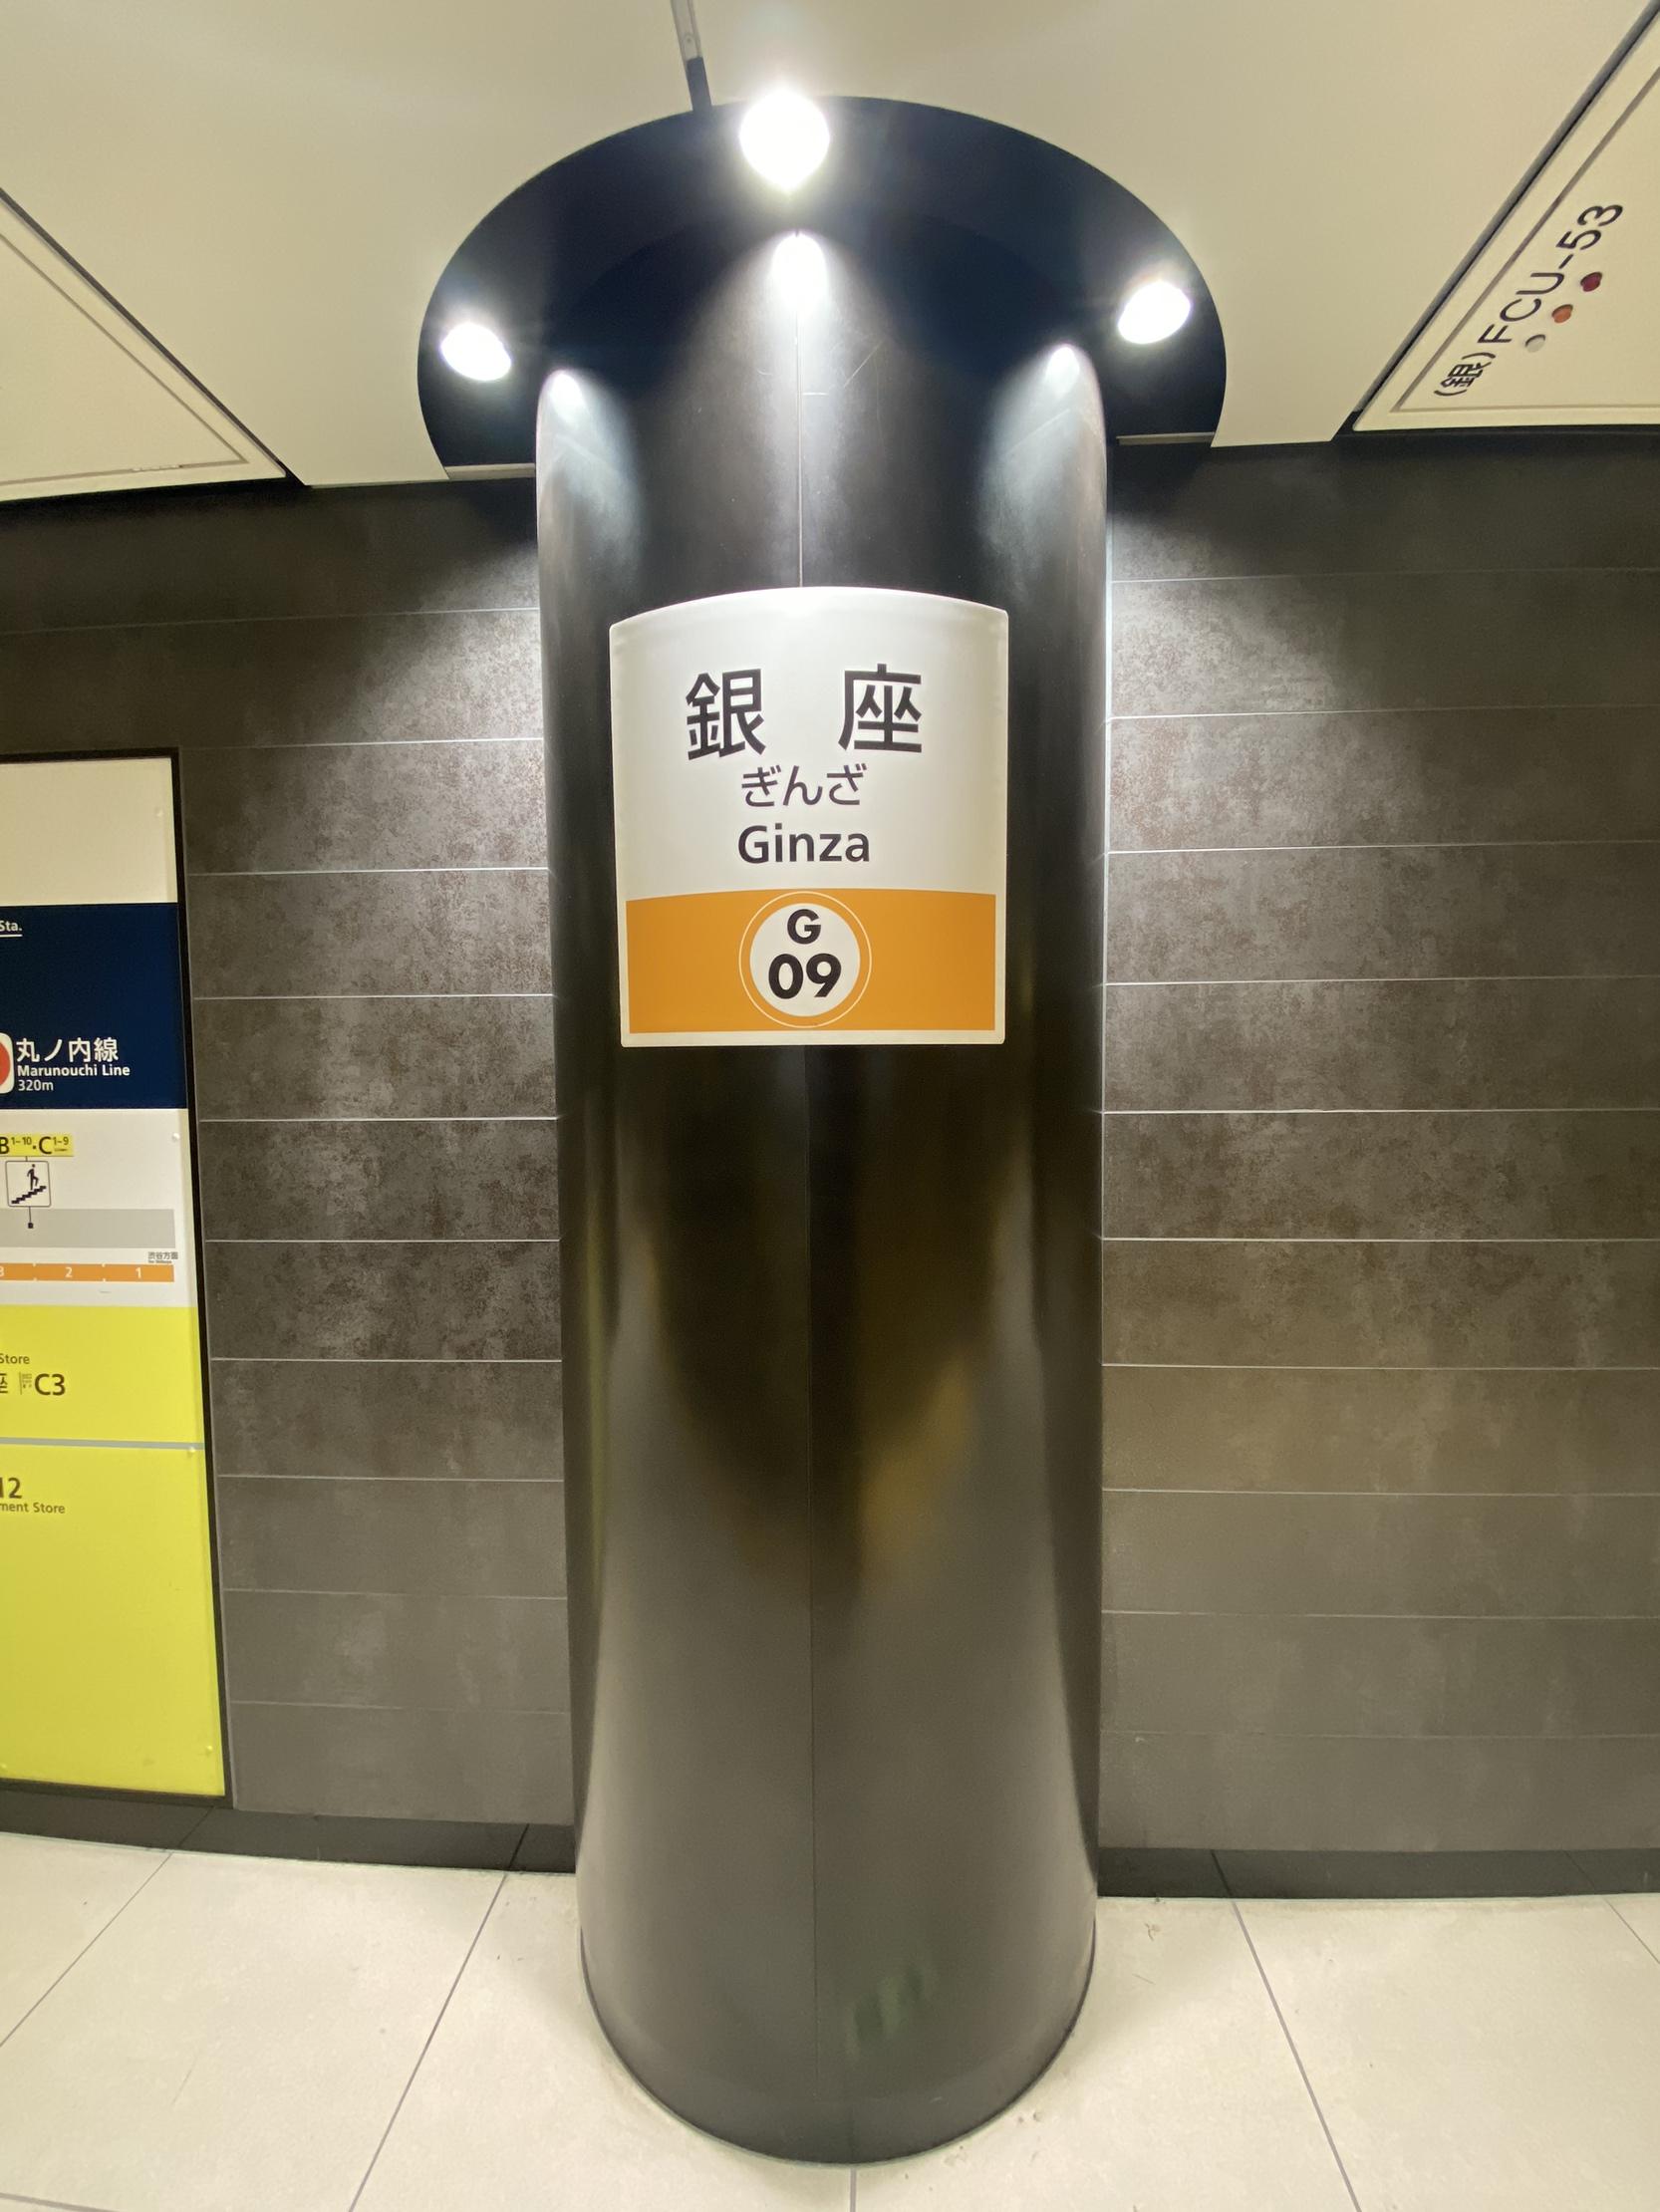 東京メトロ 銀座線銀座駅乗降場丸柱